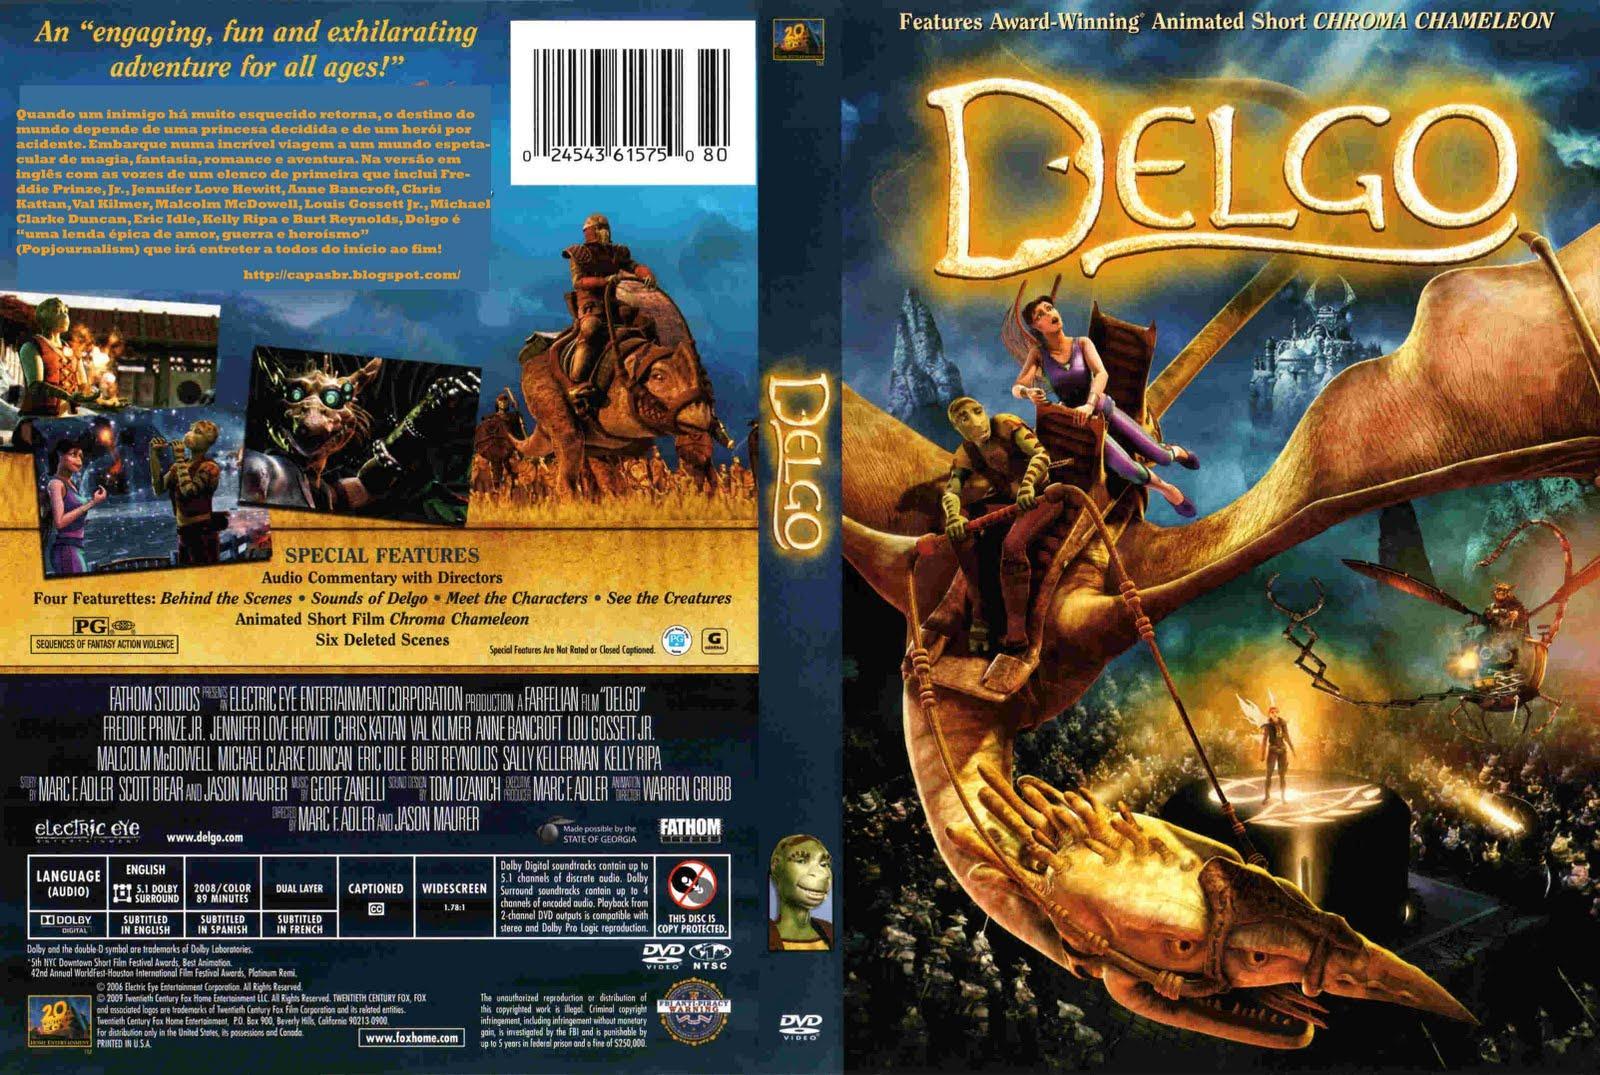 http://2.bp.blogspot.com/-5nZ16iIIPGY/TknWgfvkvtI/AAAAAAAAD1s/b-o-8qOlkRQ/s1600/Delgo-DVD-Cover.jpg